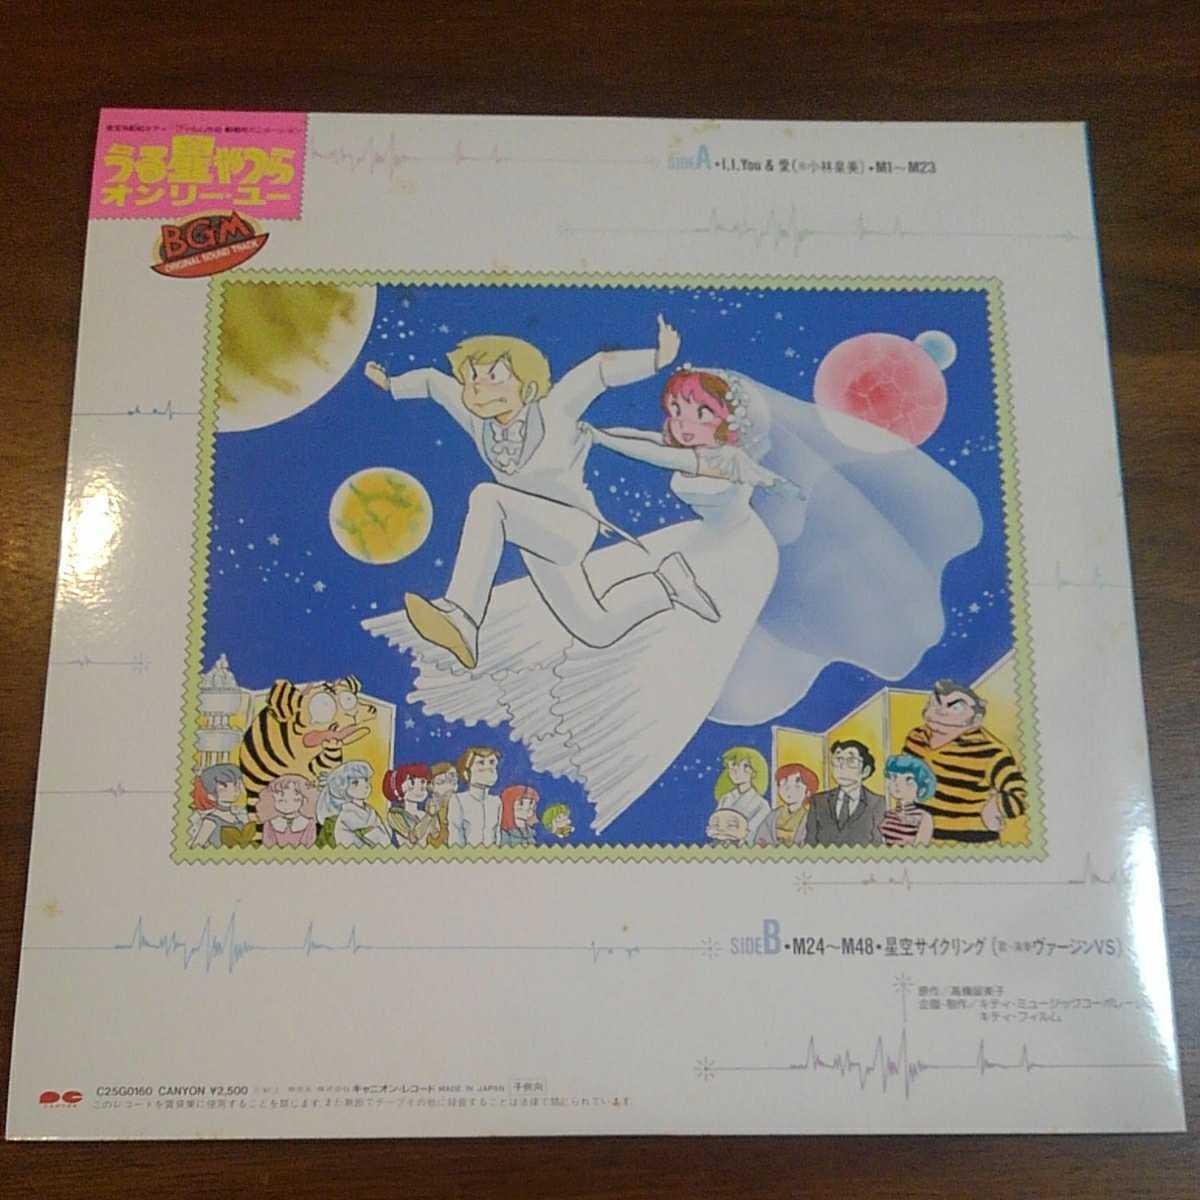 帯付 LP うる星やつら オンリー・ユー BGM O.S.T 小林泉美・ヴァージンVS :C25G0160 盤美品_画像3